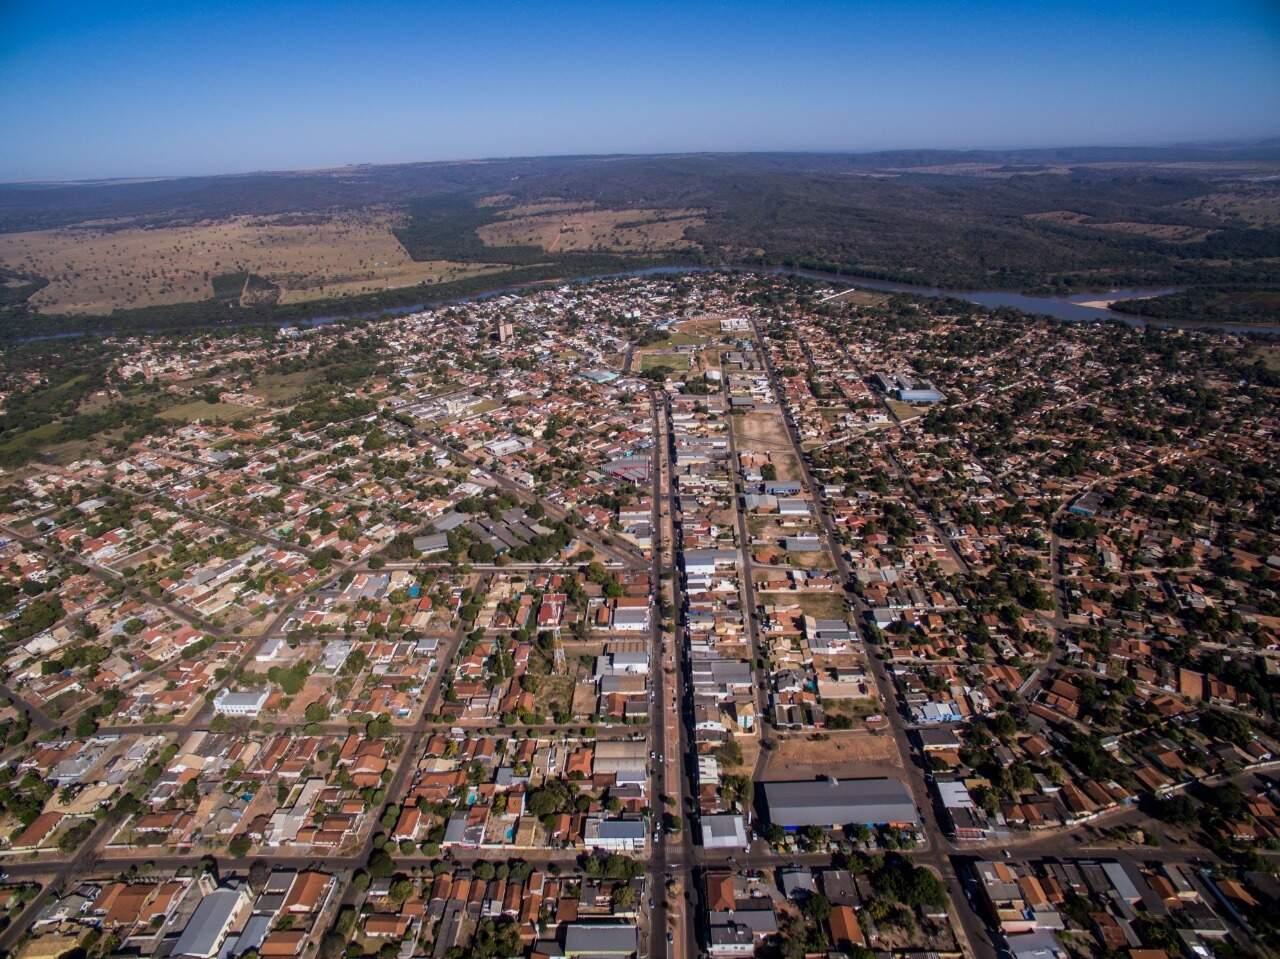 O município de Coxim visto de cima. (Foto: Prefeitura Municipal de Coxim)